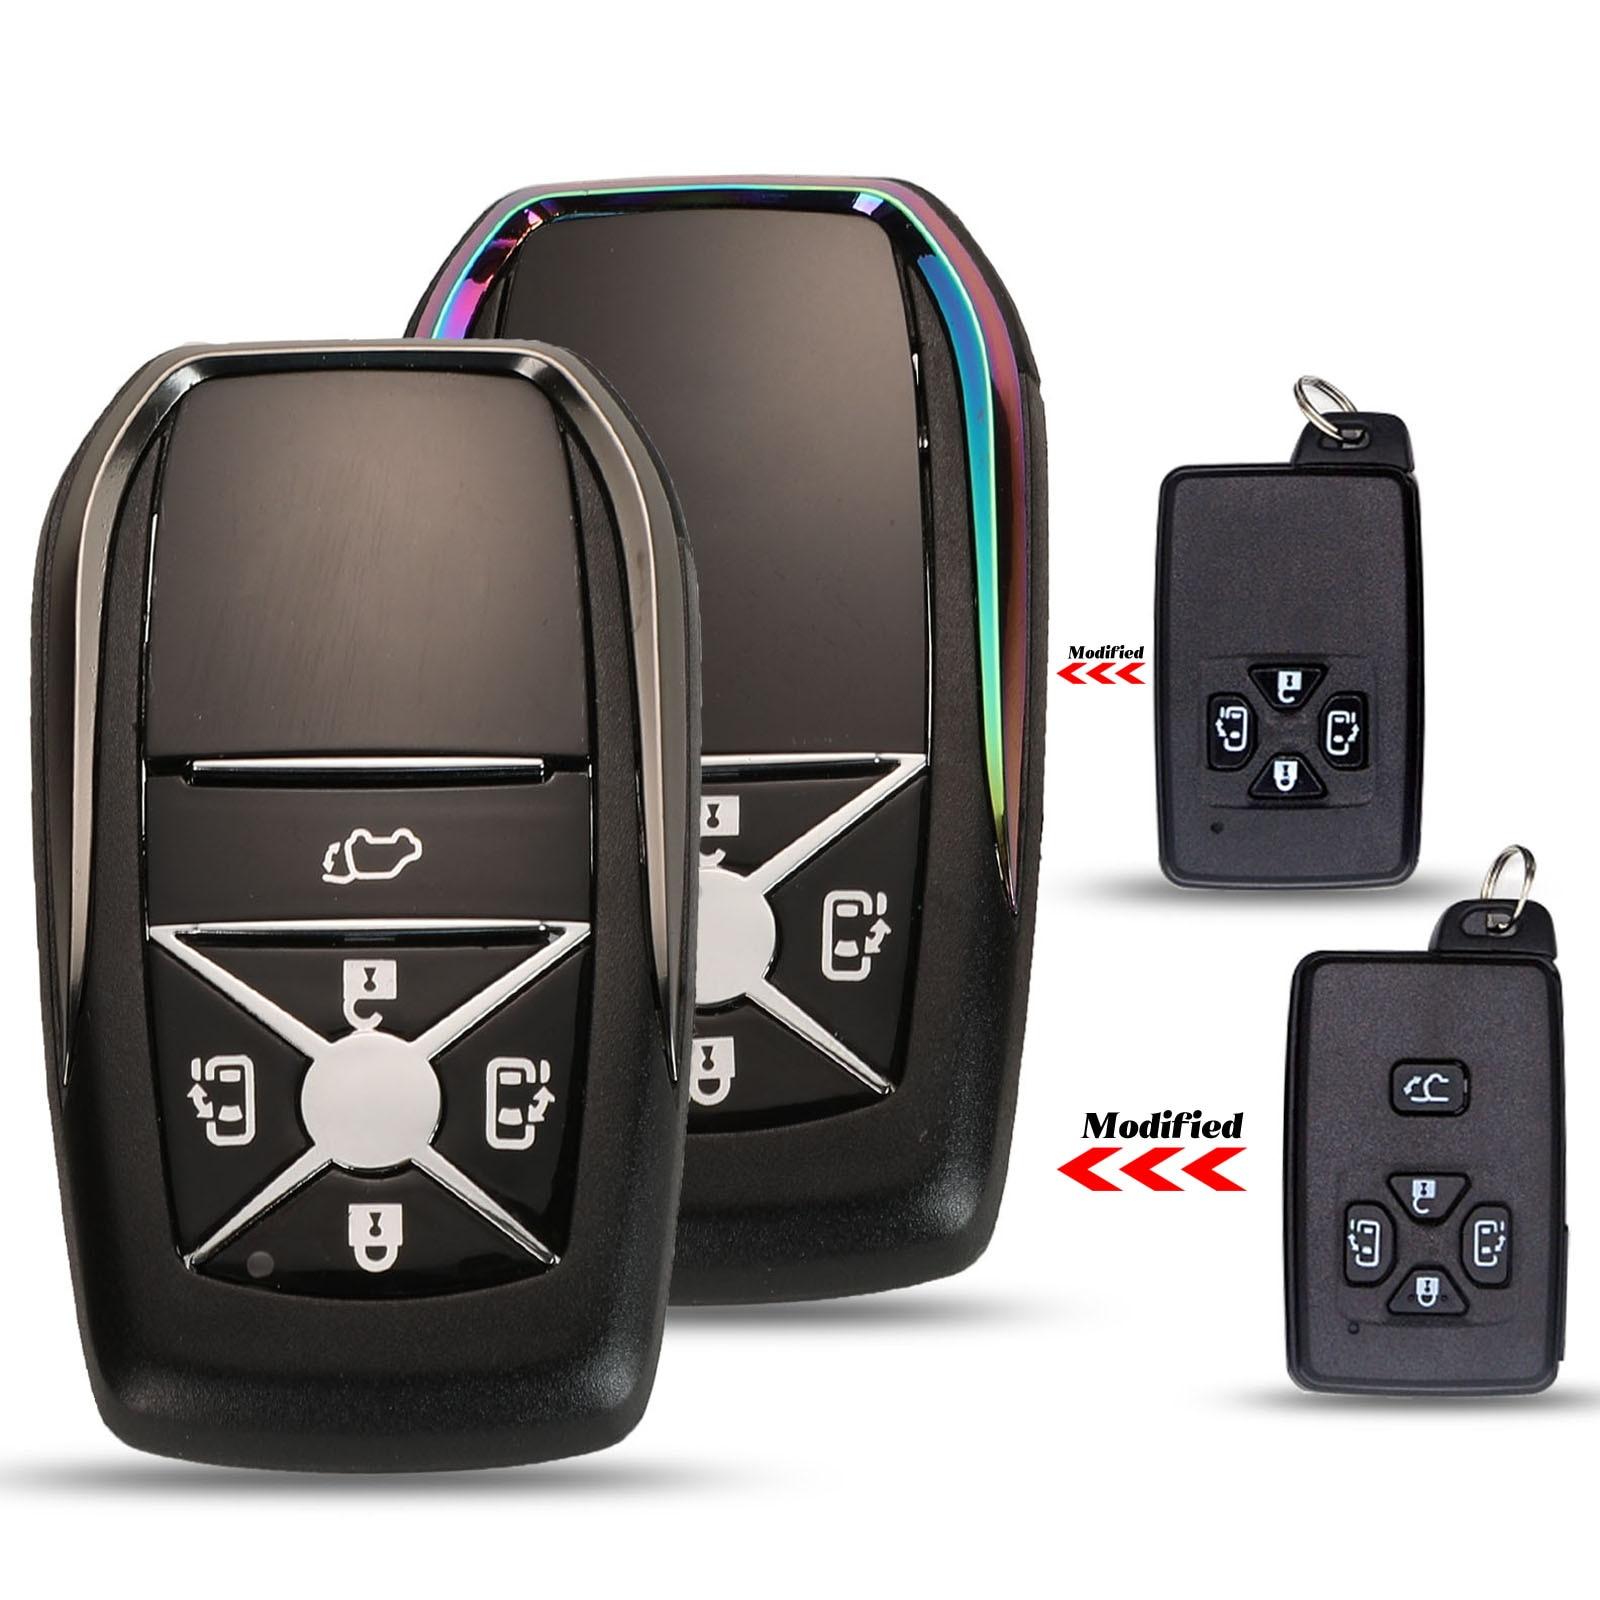 Jingyuqin, carcasa de repuesto de actualización, caja de llave remota inteligente Fob 4/5 botones para Toyota Previa Alphard Prius con hoja de inserción